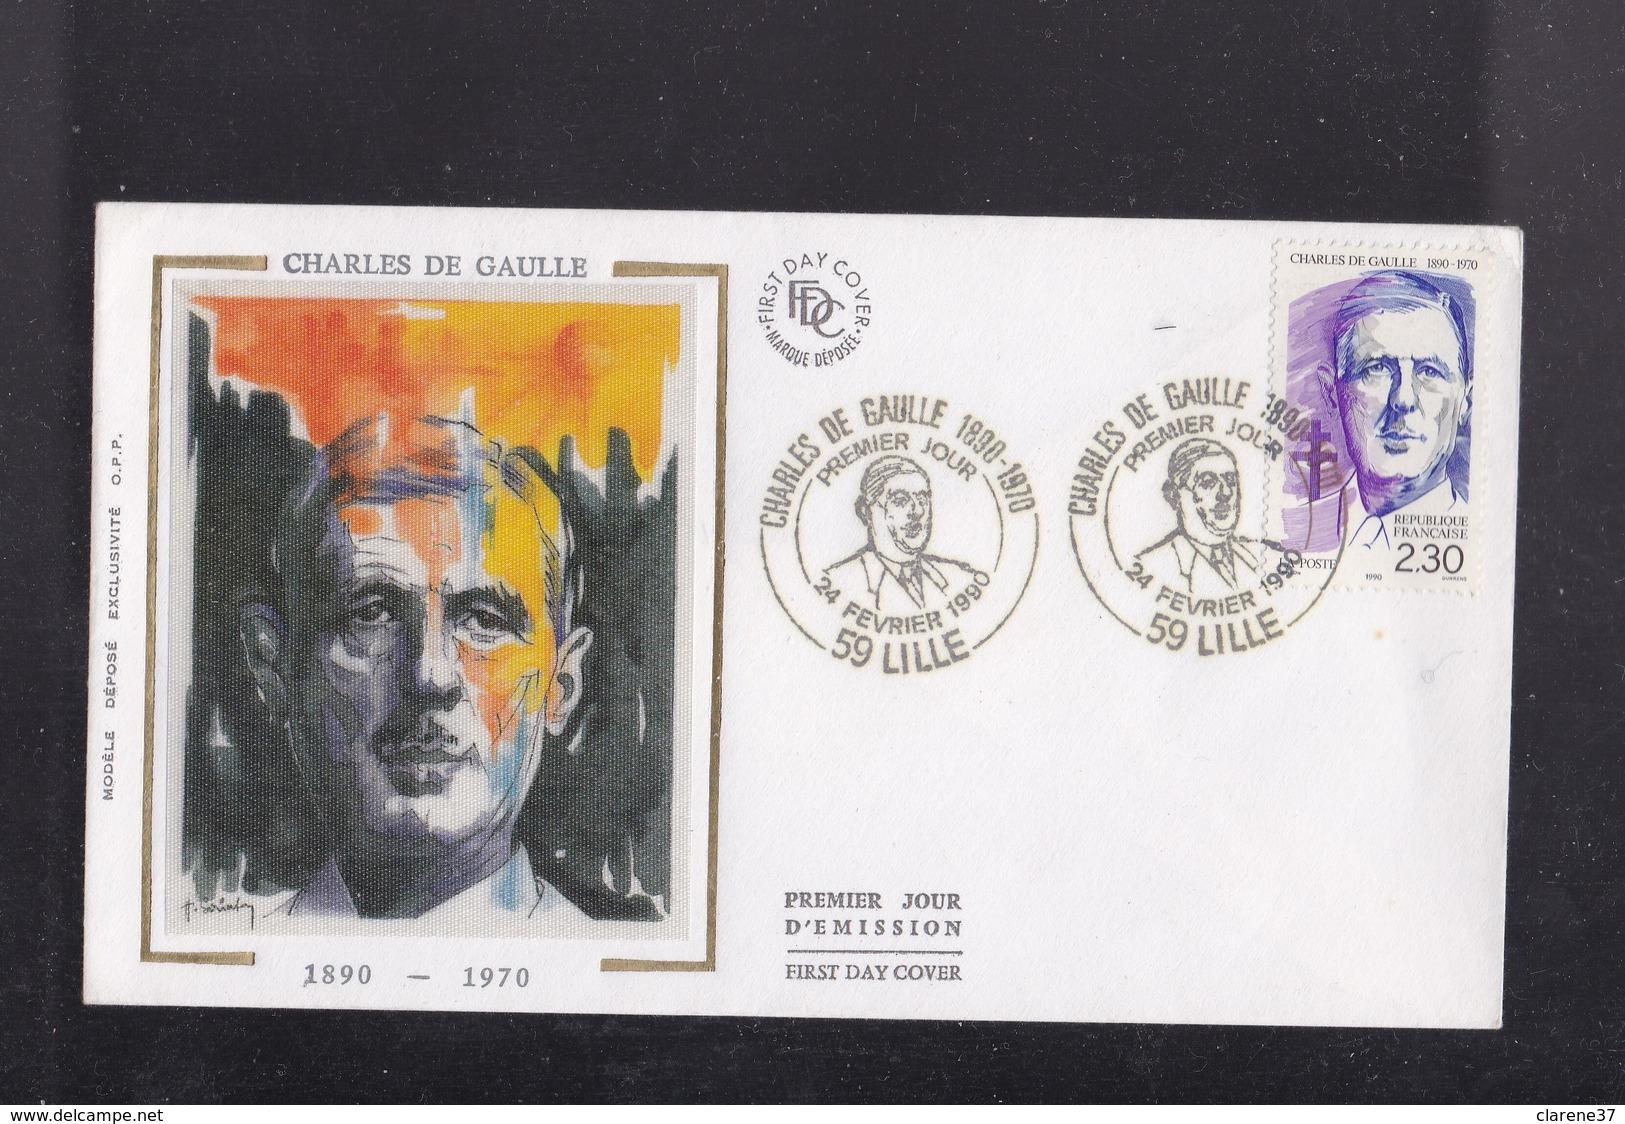 ENVELOPPE 1er JOUR  CHARLES DE GAULLE 59 LILLE  24 Février 1990 - Autres Collections